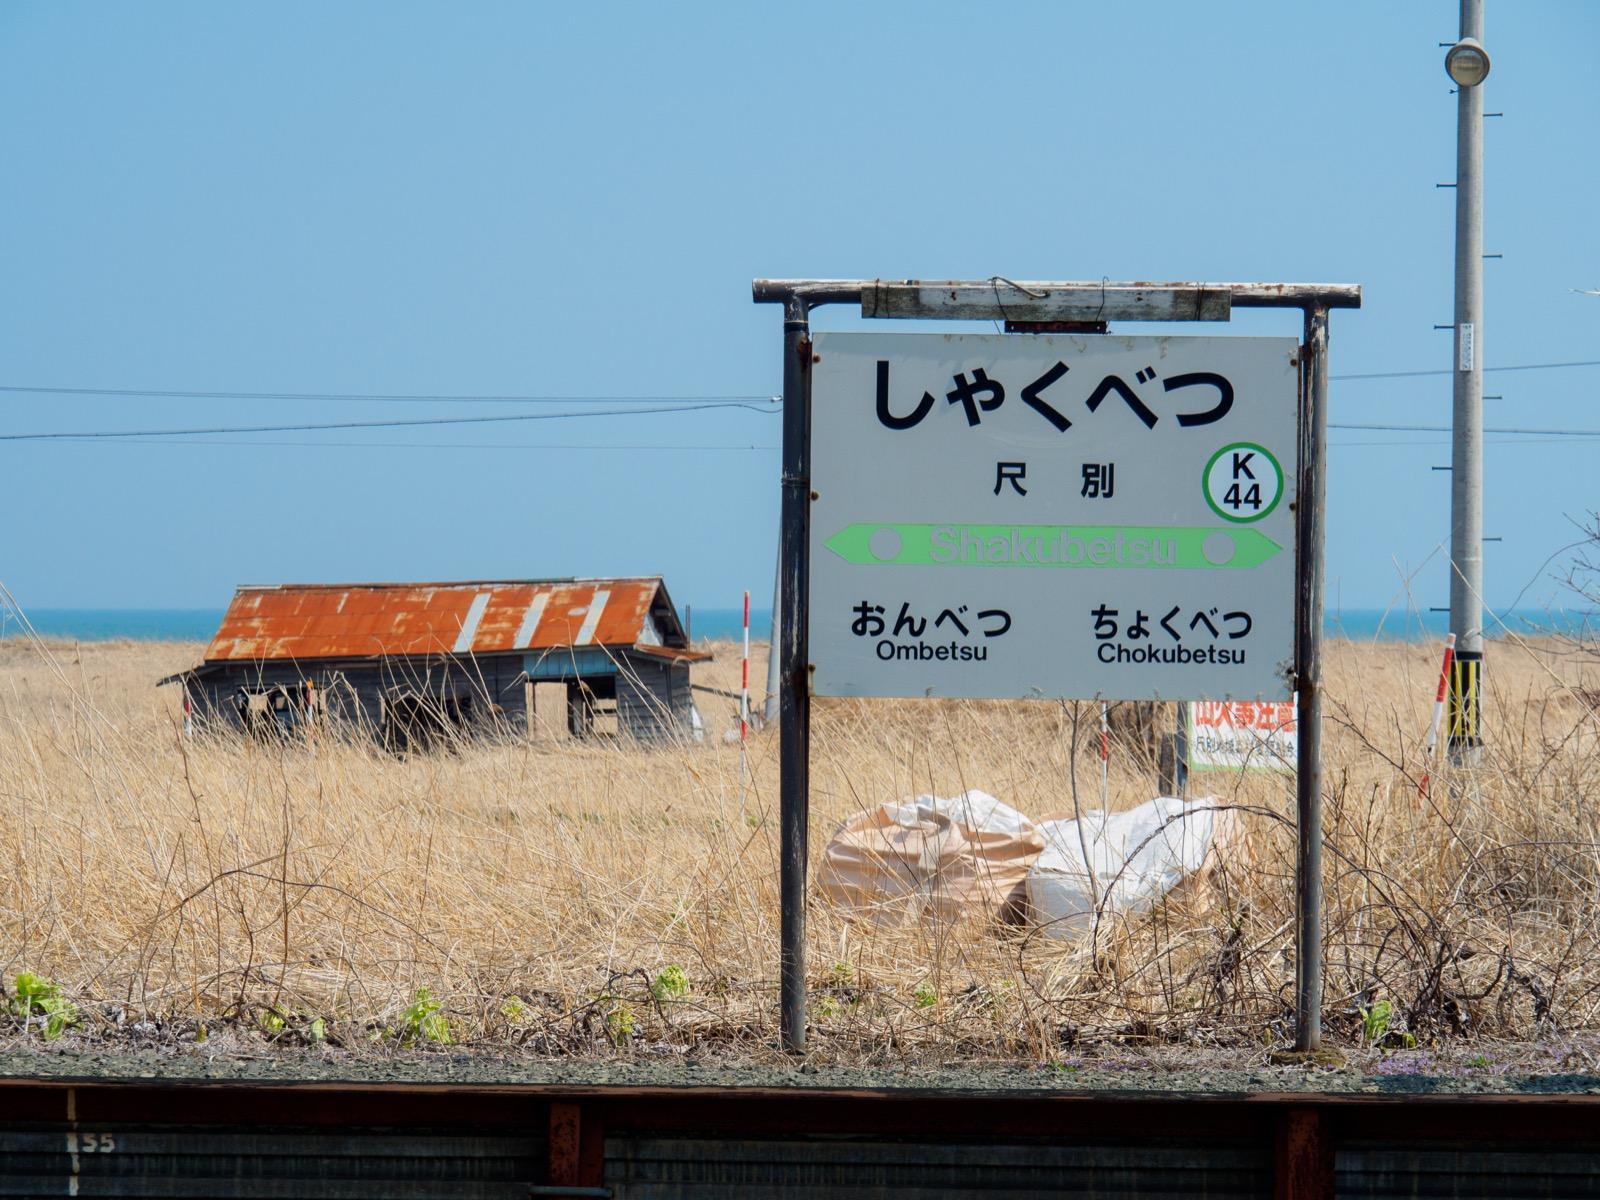 尺別駅の駅名標と太平洋